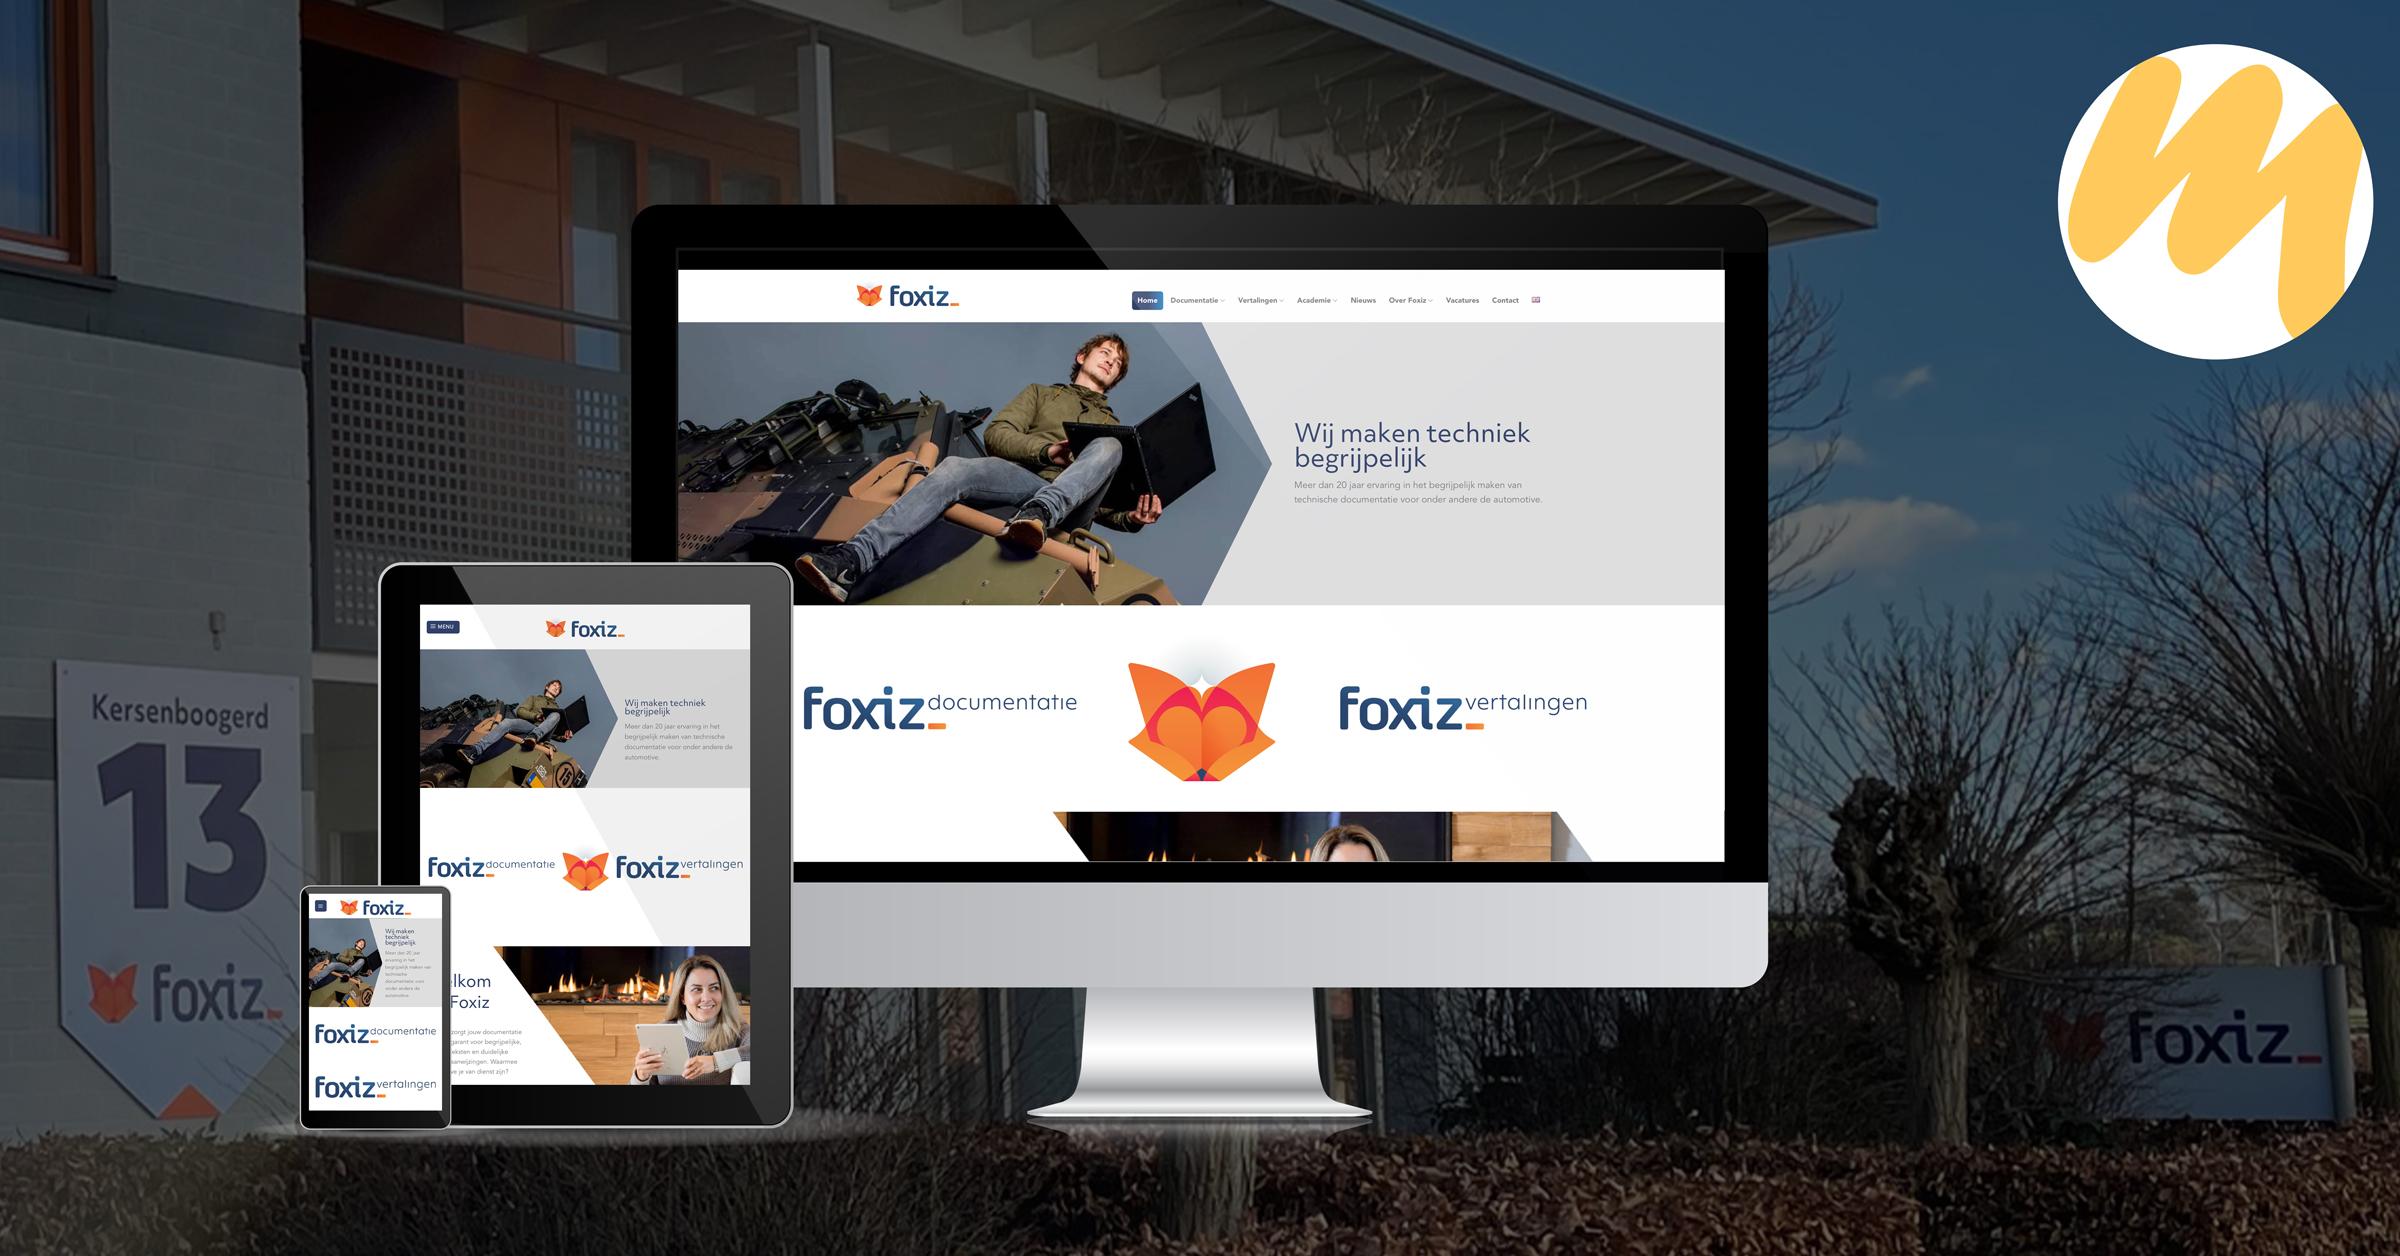 Foxiz bv te Tiel | Webdesign door Esmy Media Design | Webdesign Tiel